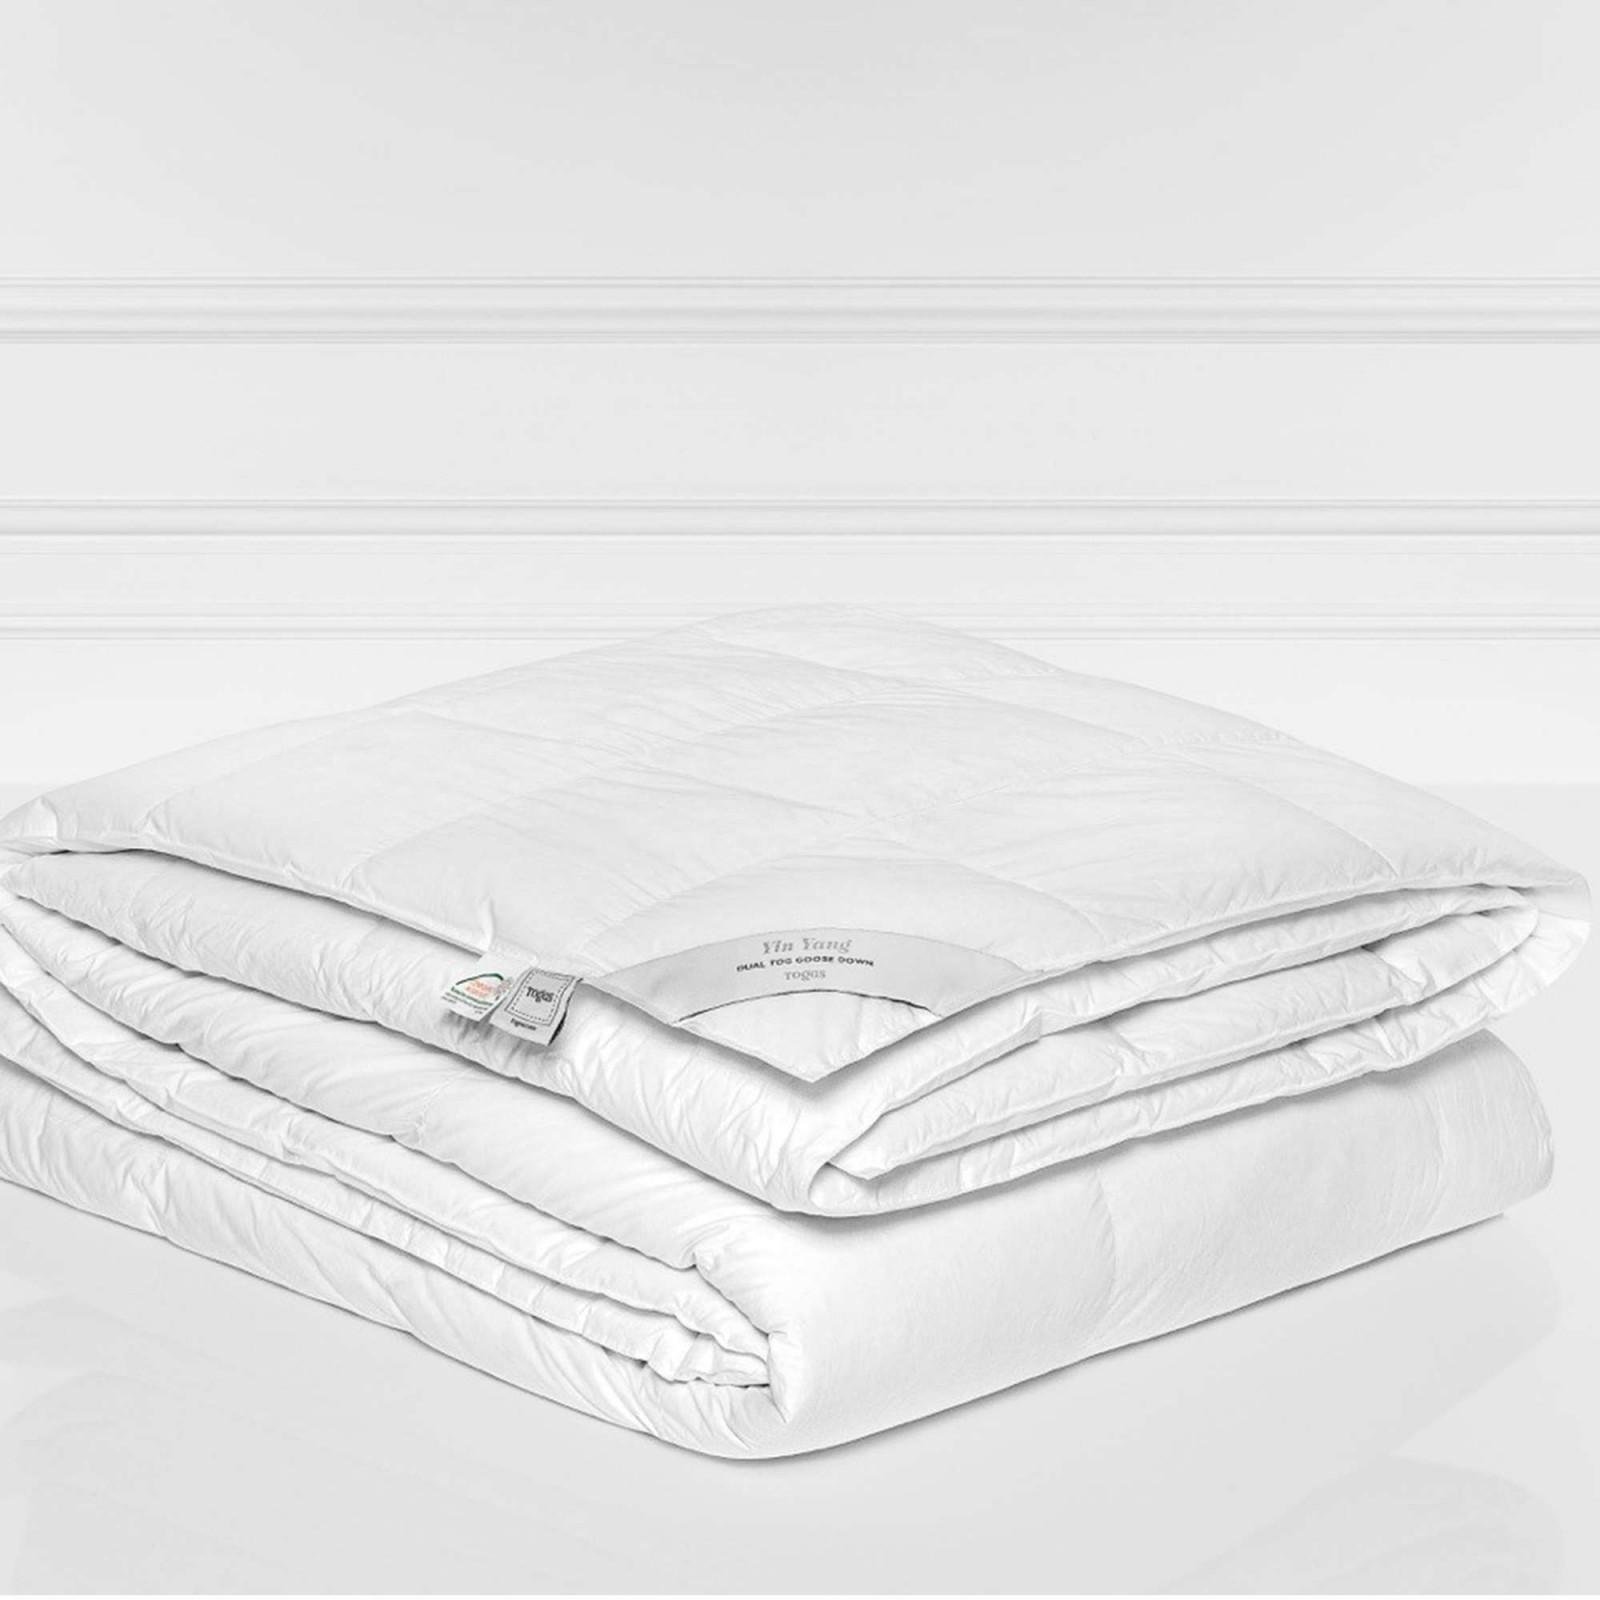 Одеяла Togas Одеяло Инь Янь Всесезонное (220х240 см) одеяла togas одеяло гелиос 220х240 см